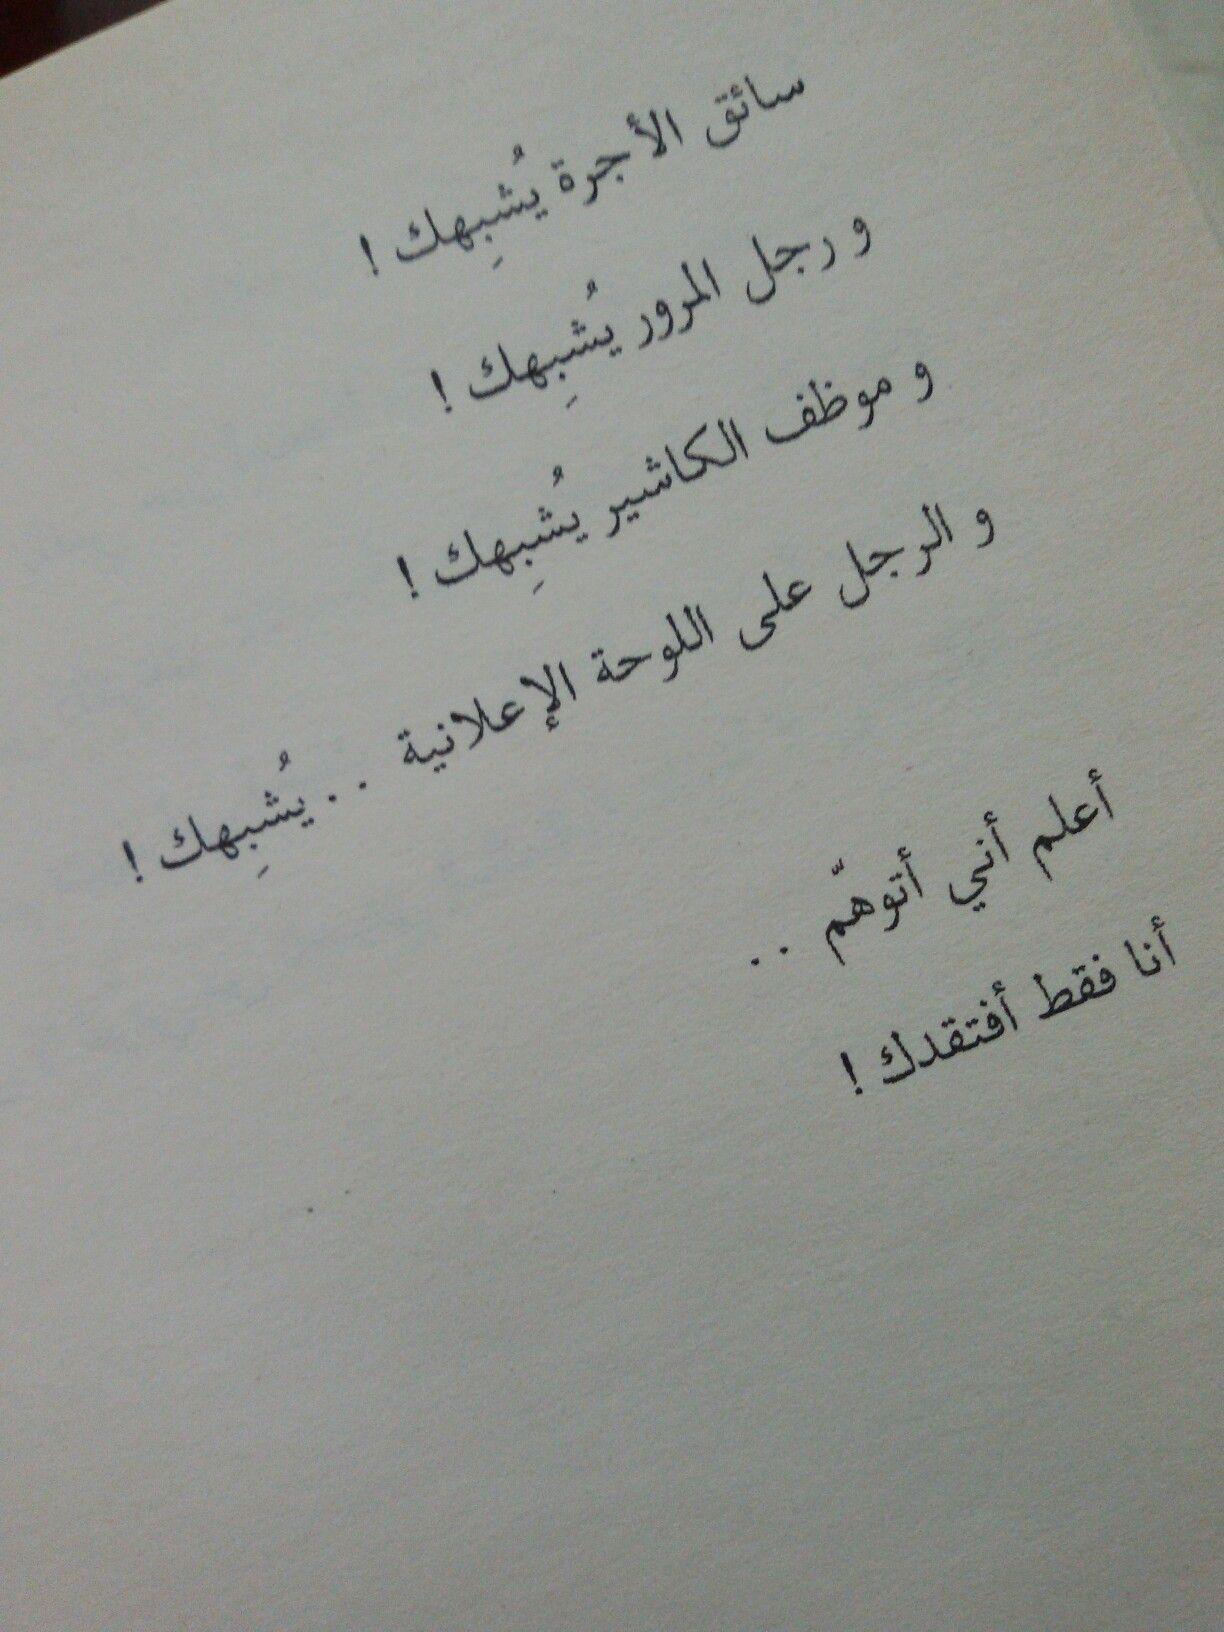 كتاب الظهيره الذي لا امل من قراءة مقتطفات منه في كل قلب مقبرة Love Words Amazing Quotes Words